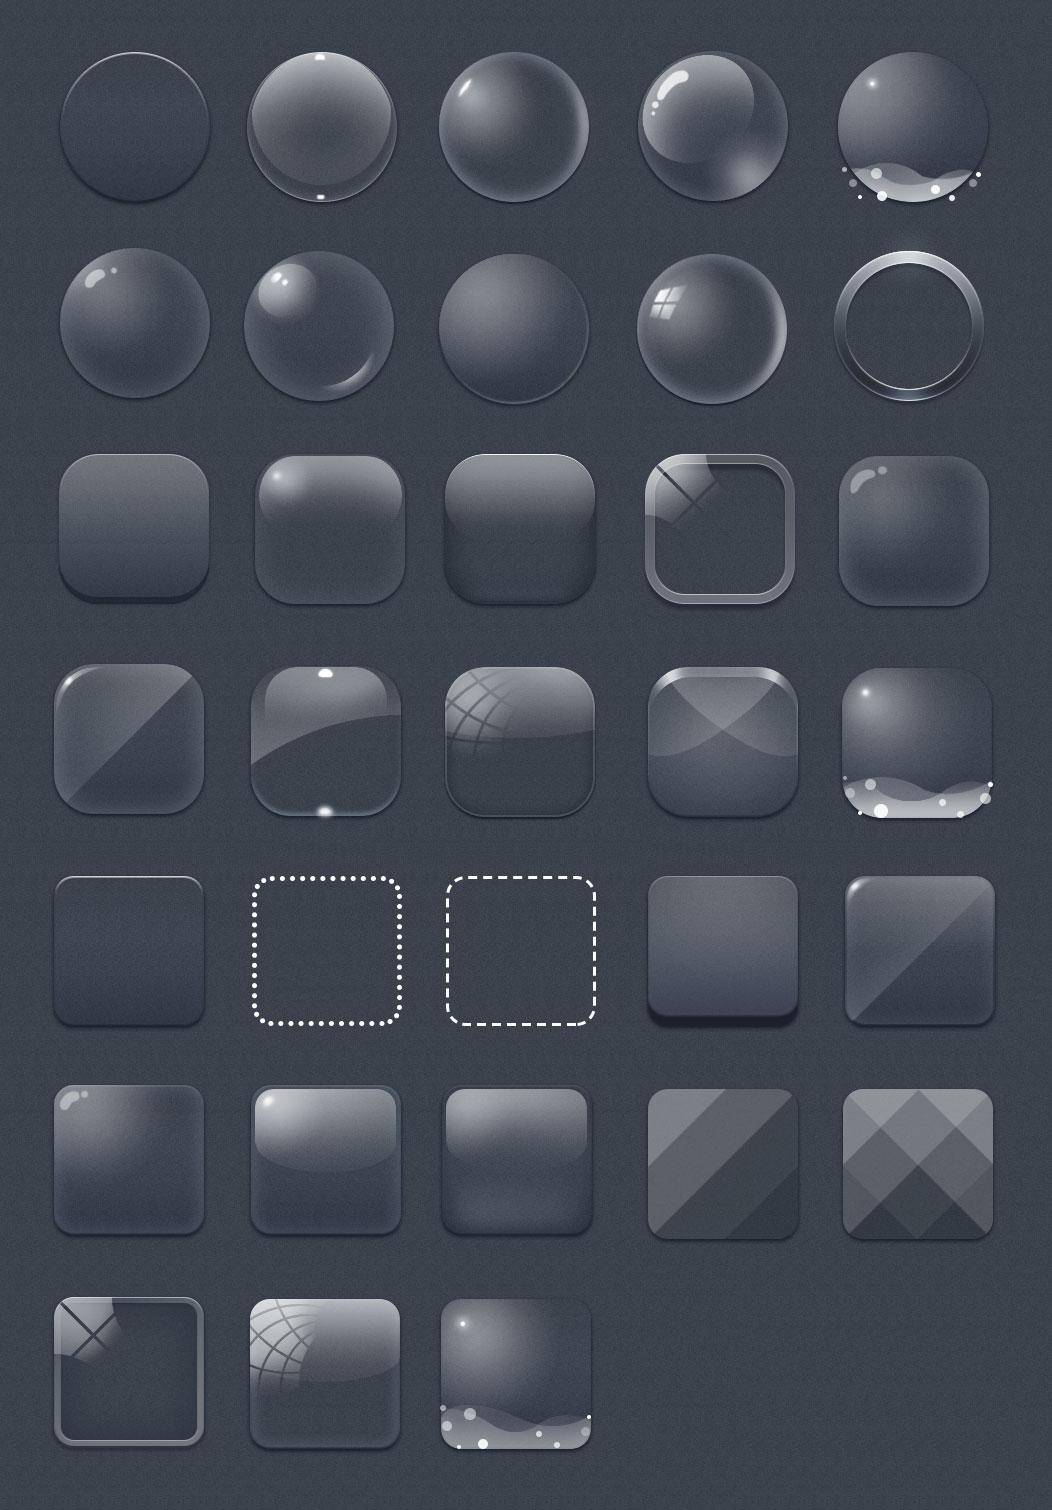 33枚玻璃质感的空白图标,PSD源文件